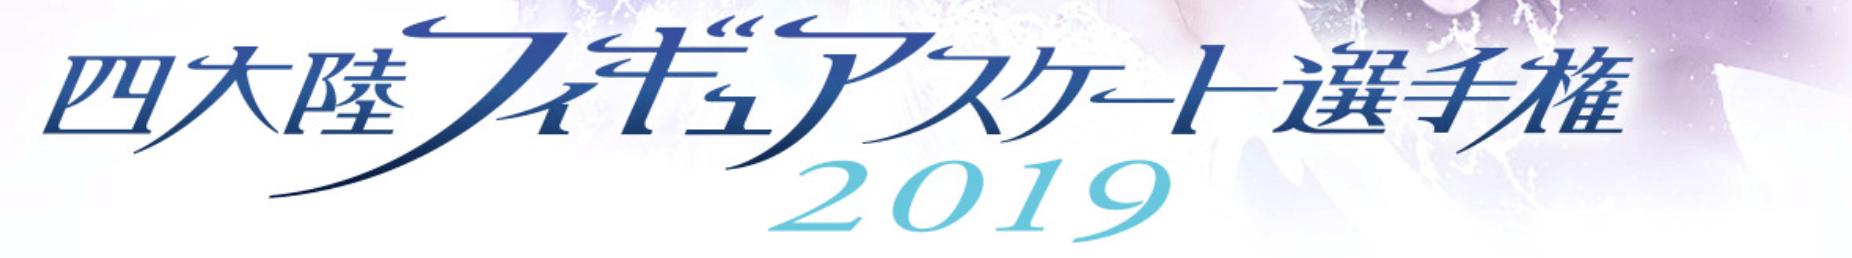 【速報】四大陸選手権 女子 最終結果まとめ!